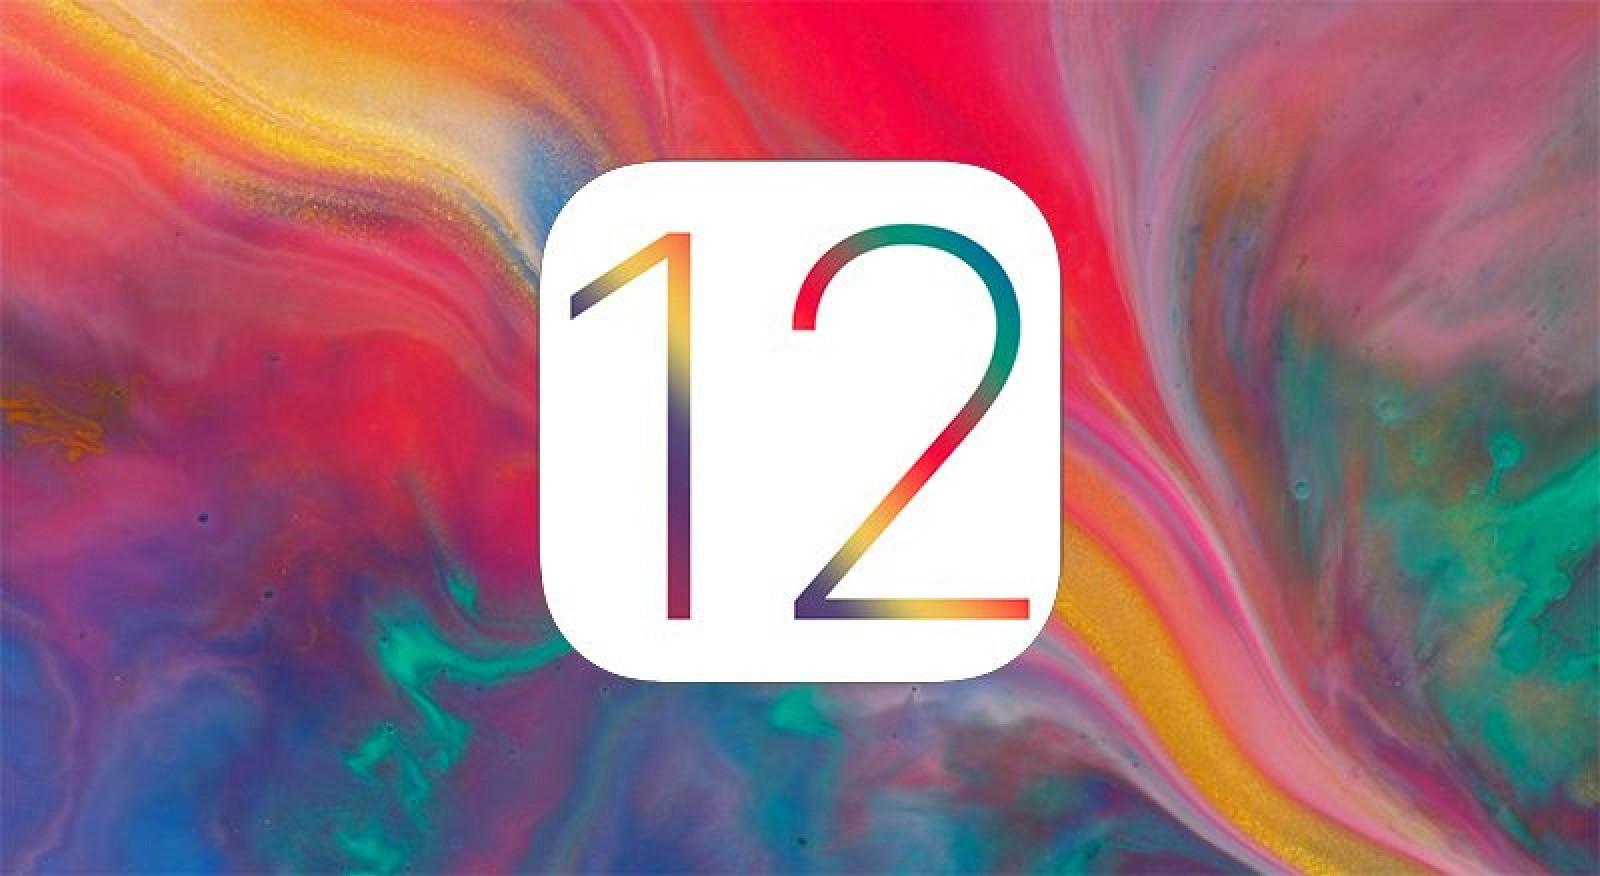 苹果 iOS 12 beta 1 开发者预览版下载地址汇总